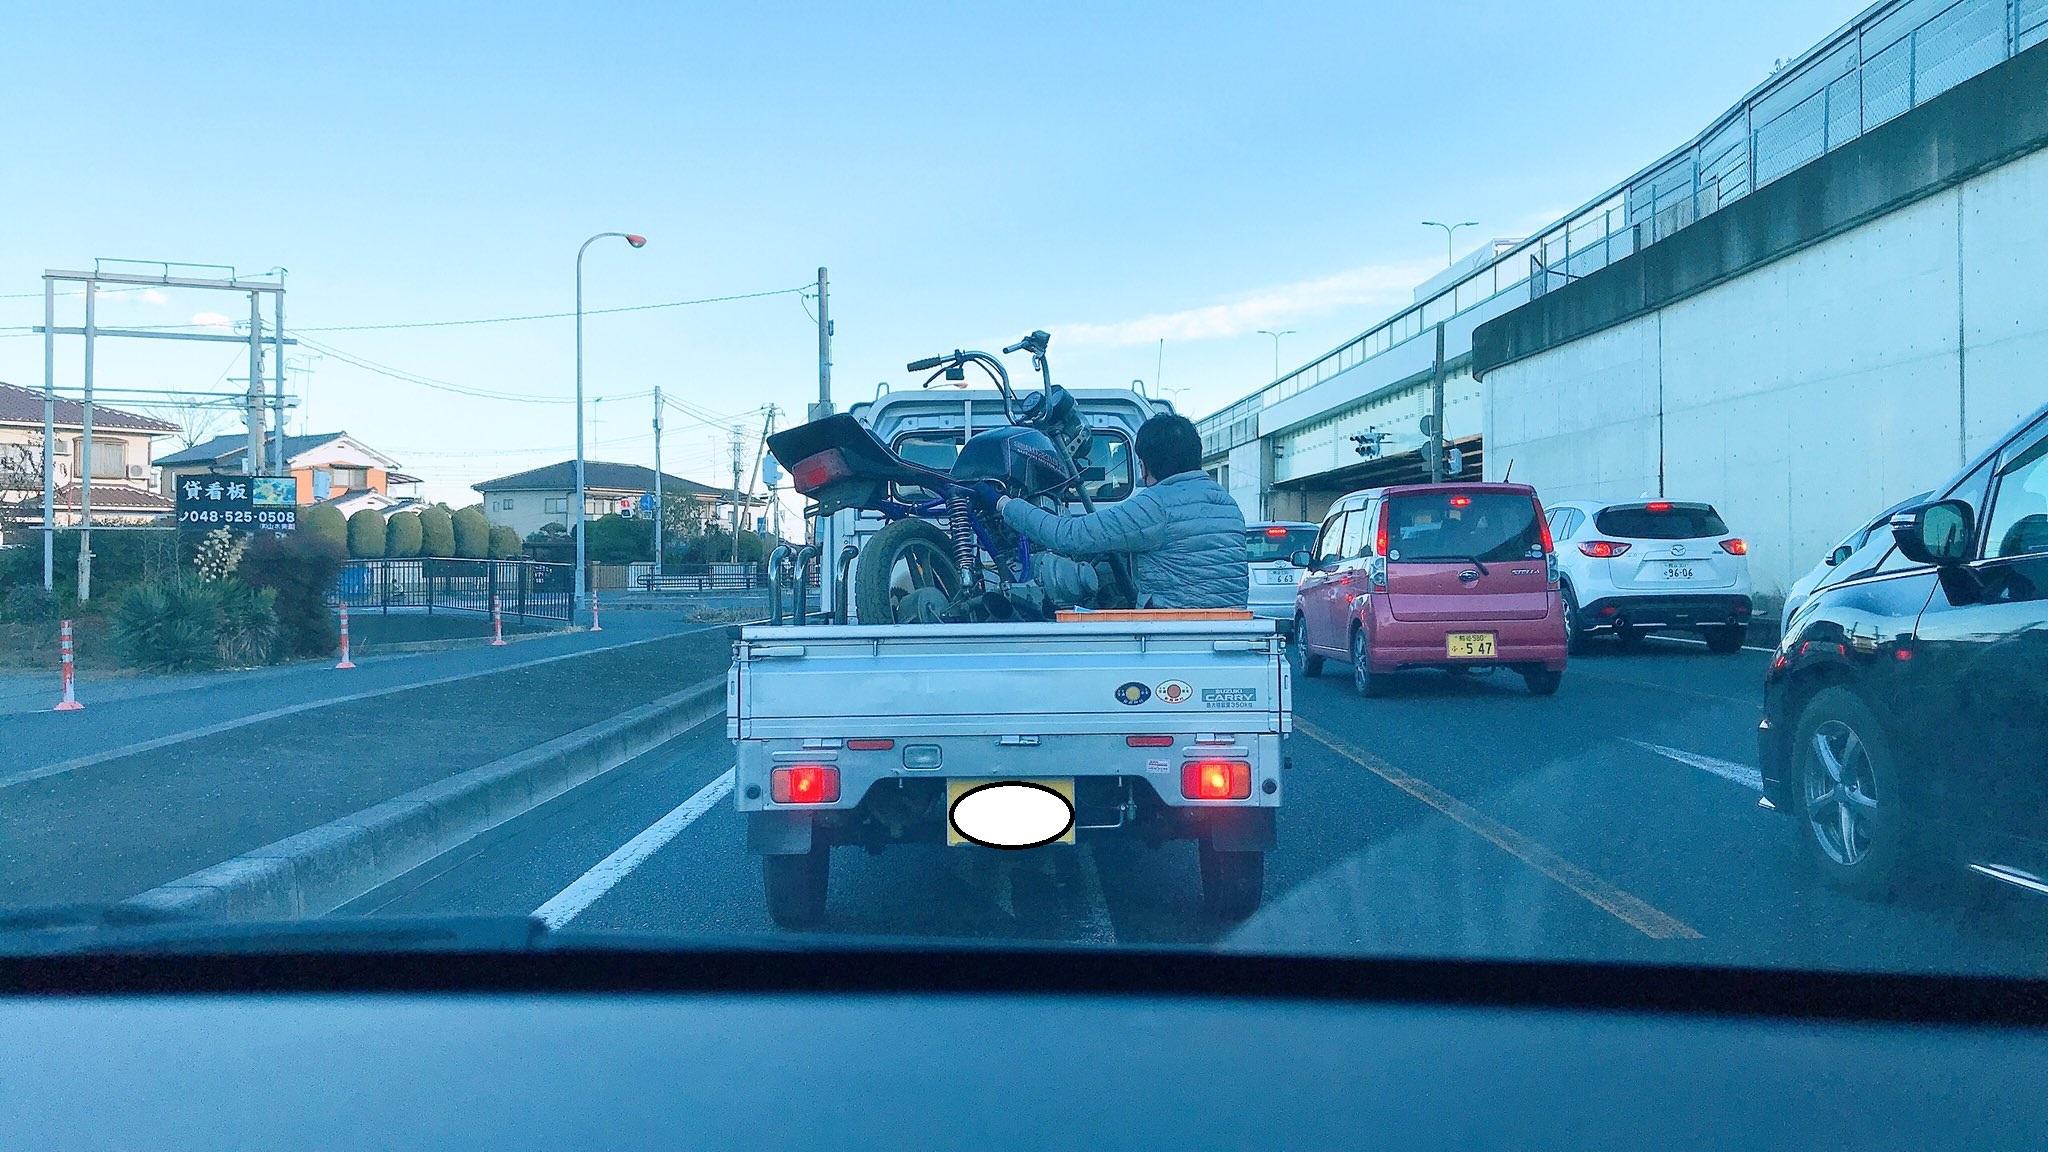 軽トラの荷台で荷物を支える人